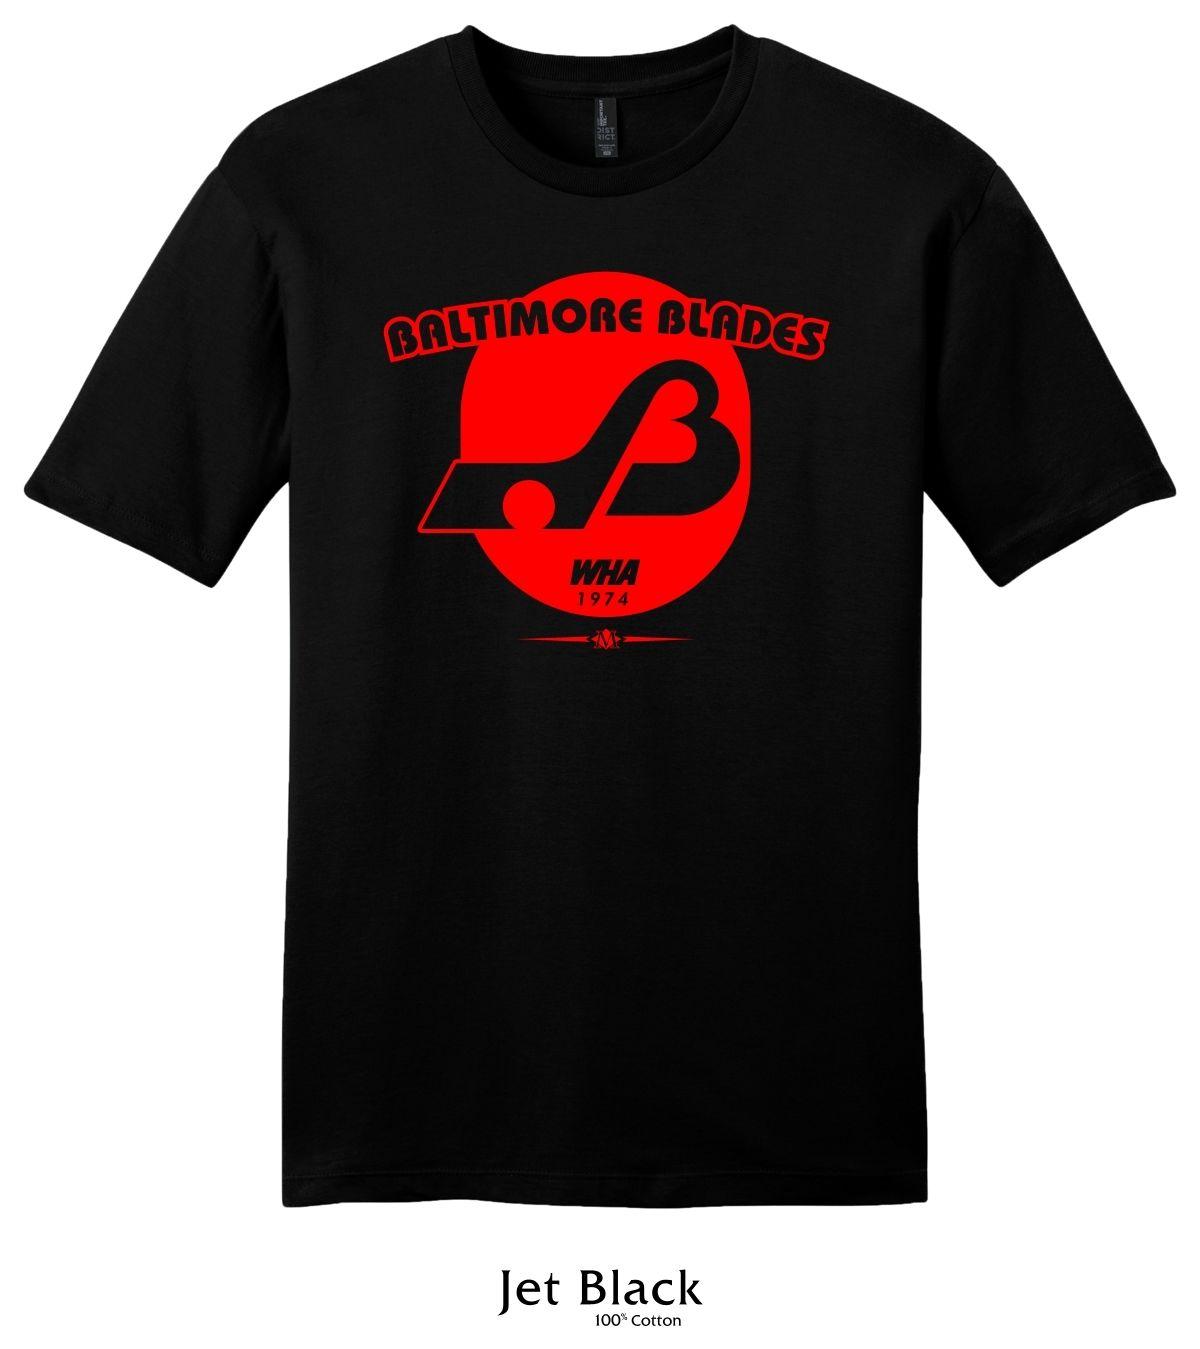 Baltimore Blades Vintage 1974 T-shirt